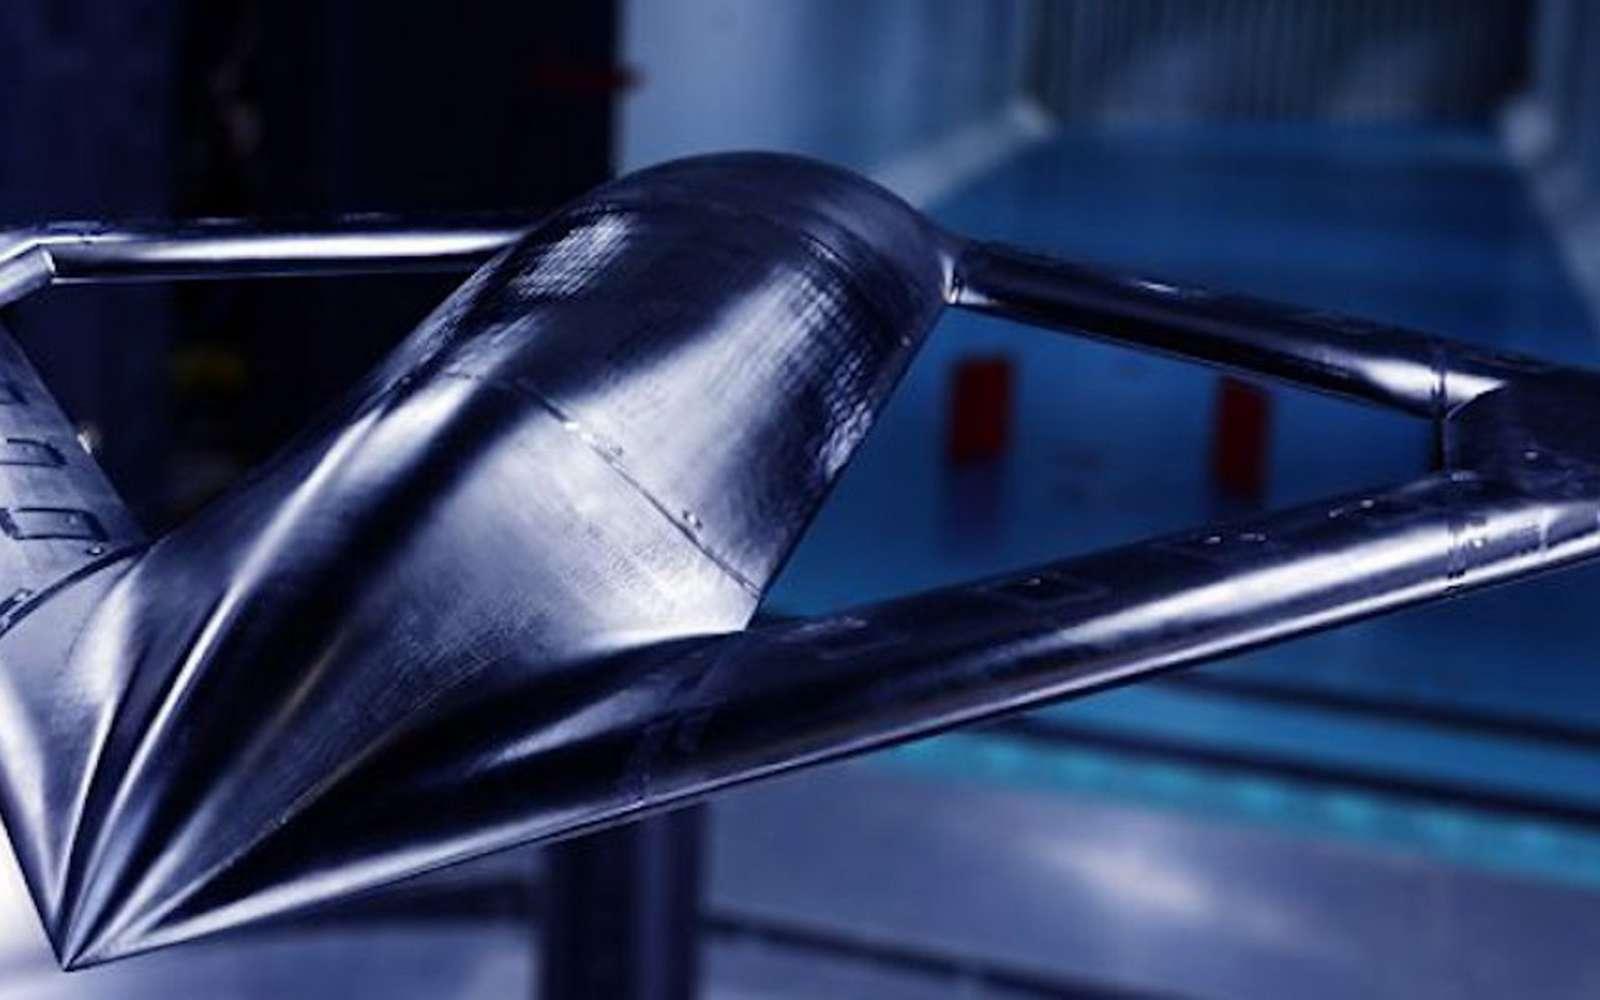 Pas d'ailerons, pas de dérive ni de volets, voici à quoi ressemblera le démonstrateur conçu pour la Darpa. © Aurora